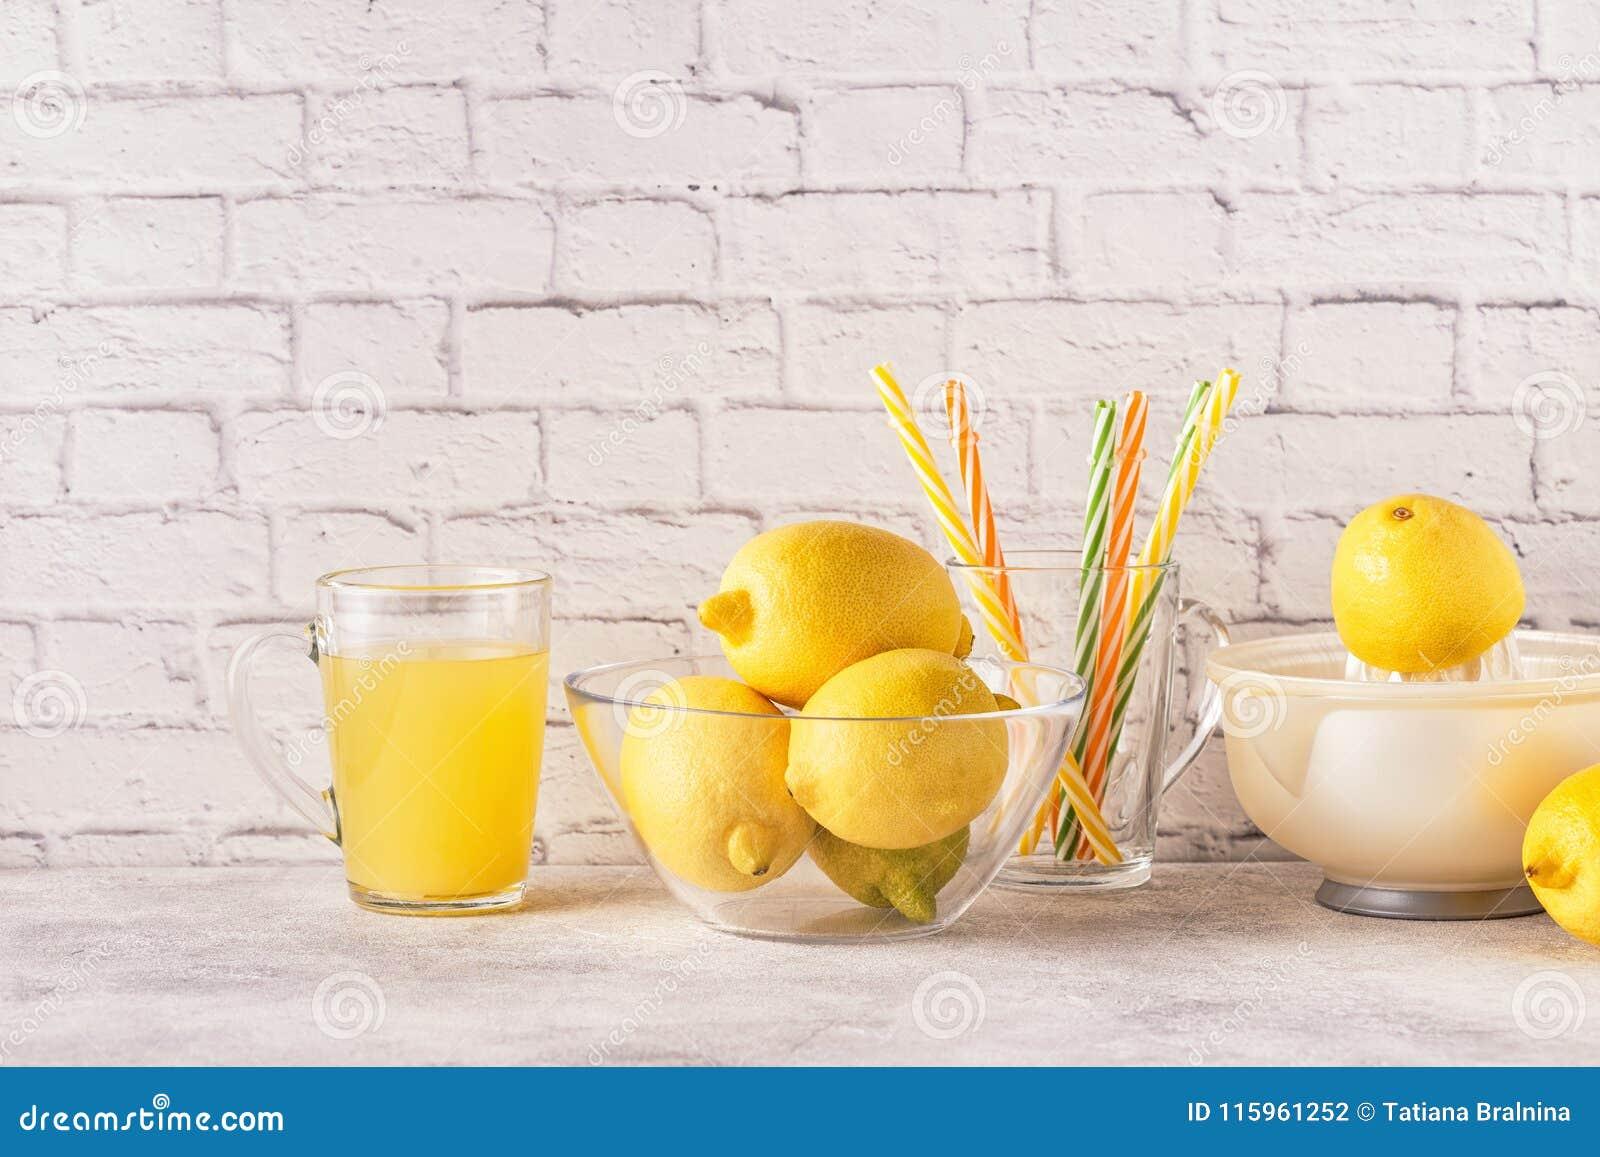 Citrons et presse-fruits pour faire le jus de citron